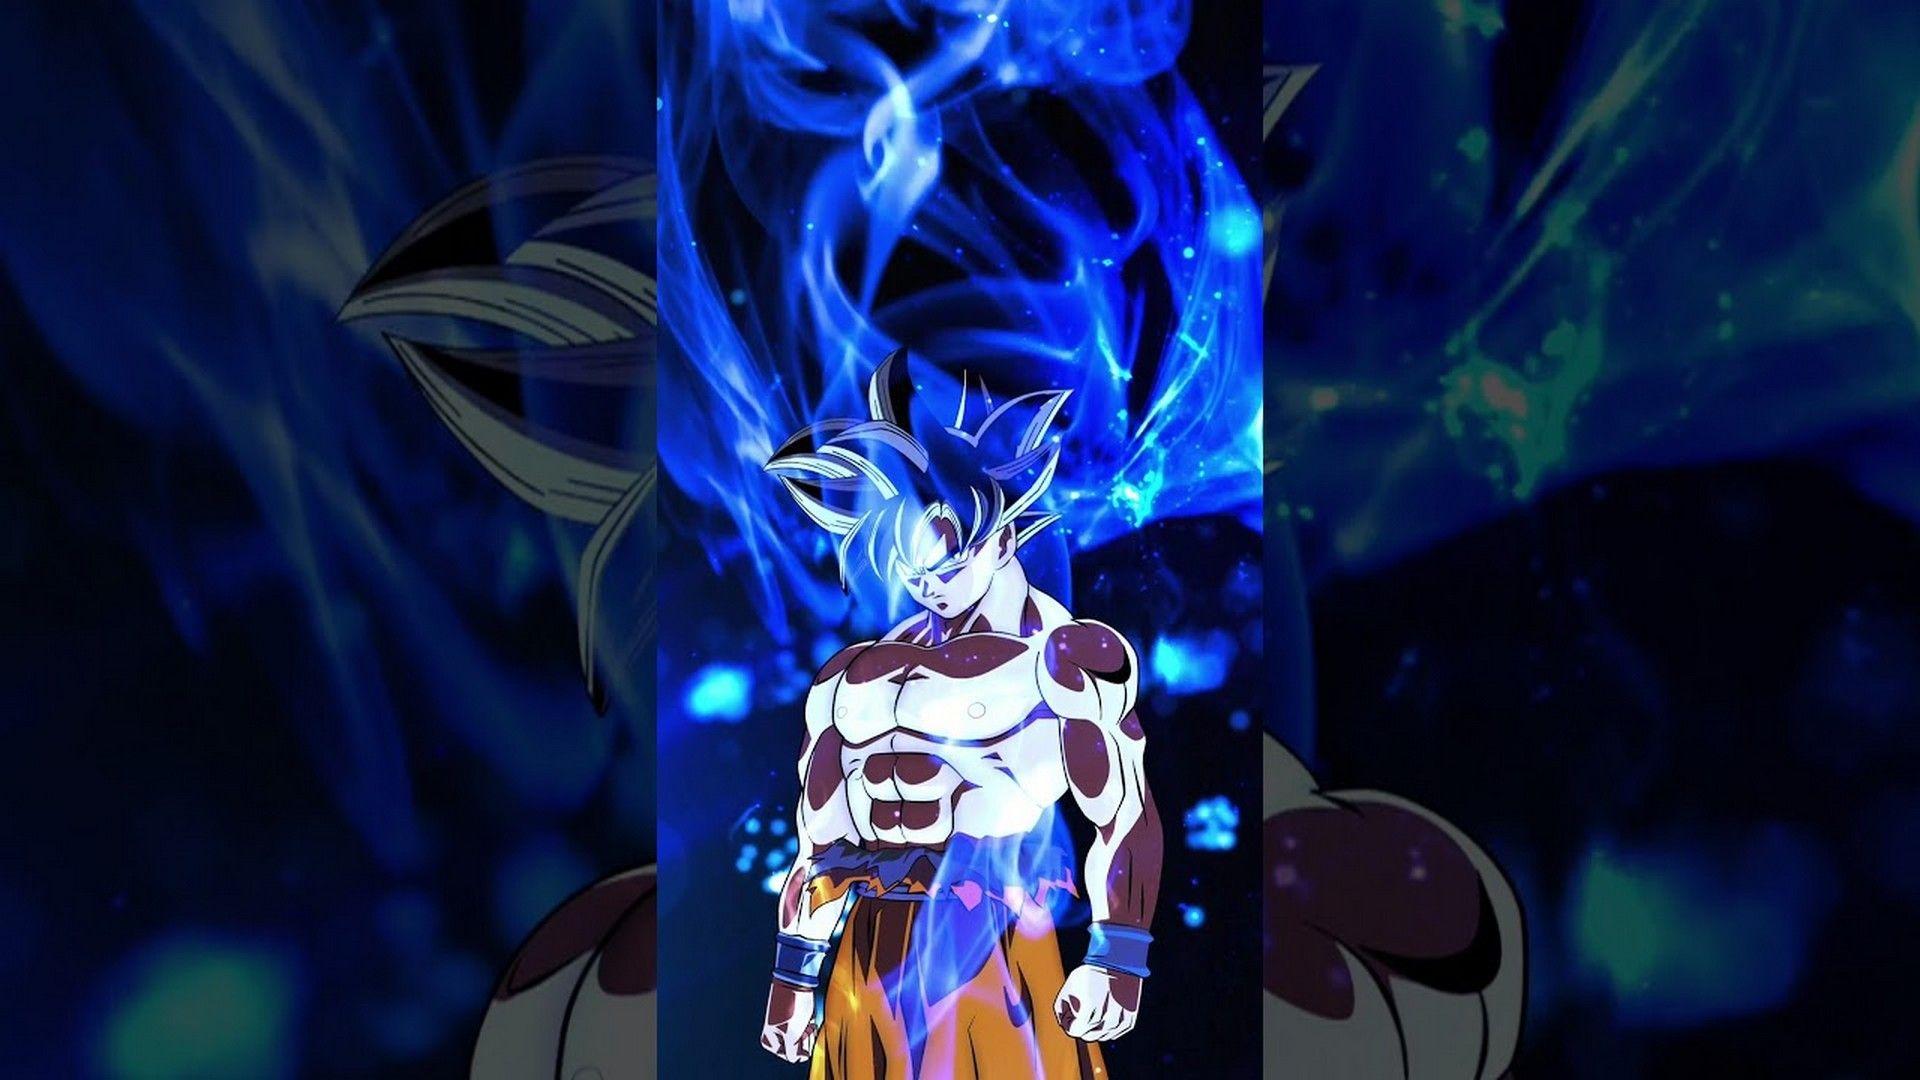 Goku Images Wallpaper For Desktop Best Hd Wallpapers Goku Wallpaper Live Wallpaper Iphone Live Wallpapers